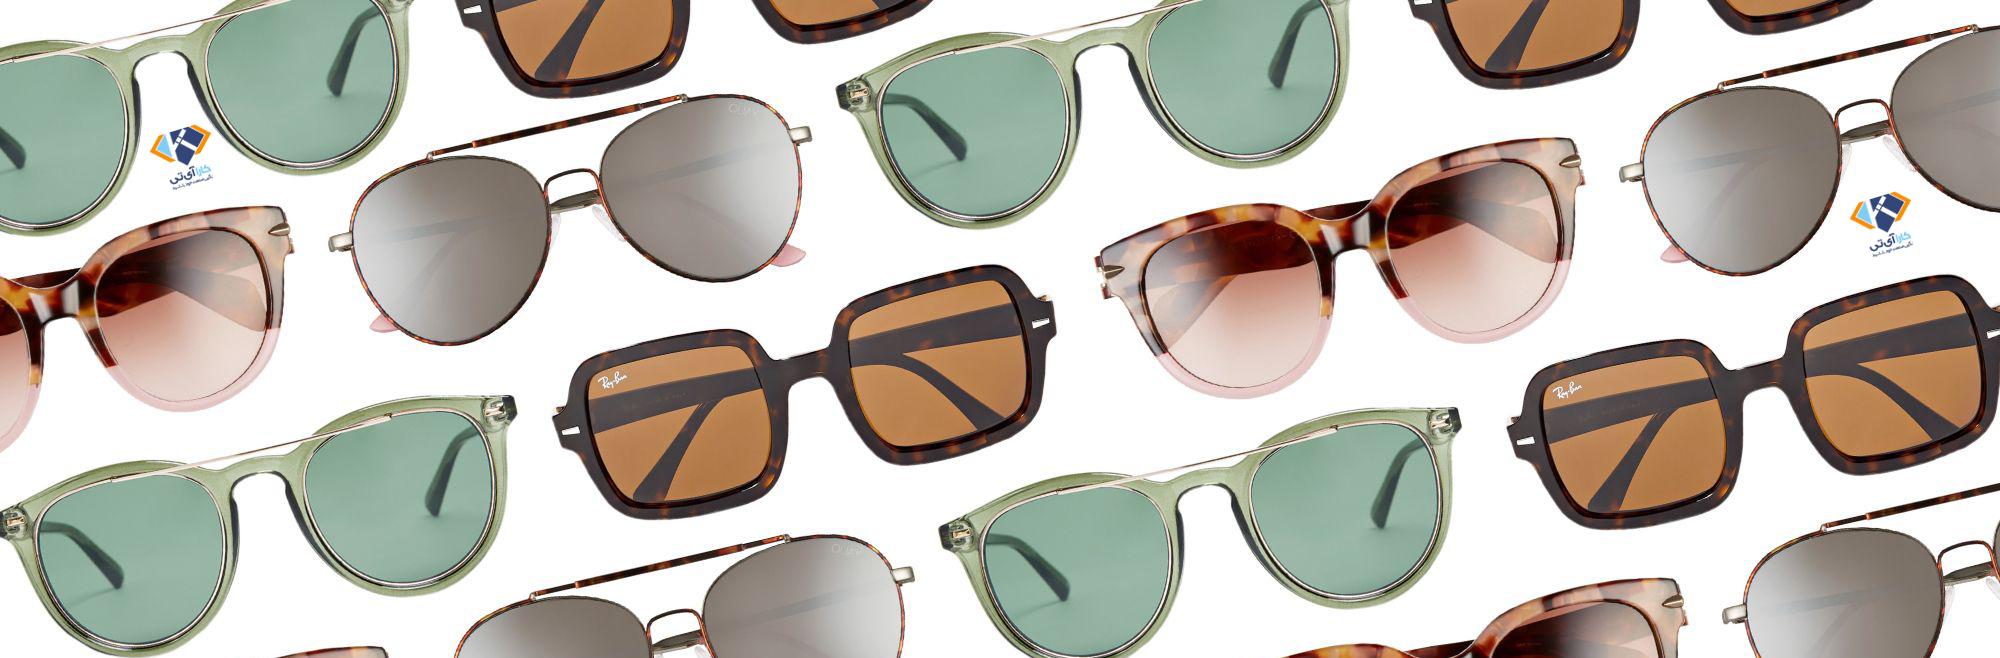 طراحی سایت فروشگاه عینک